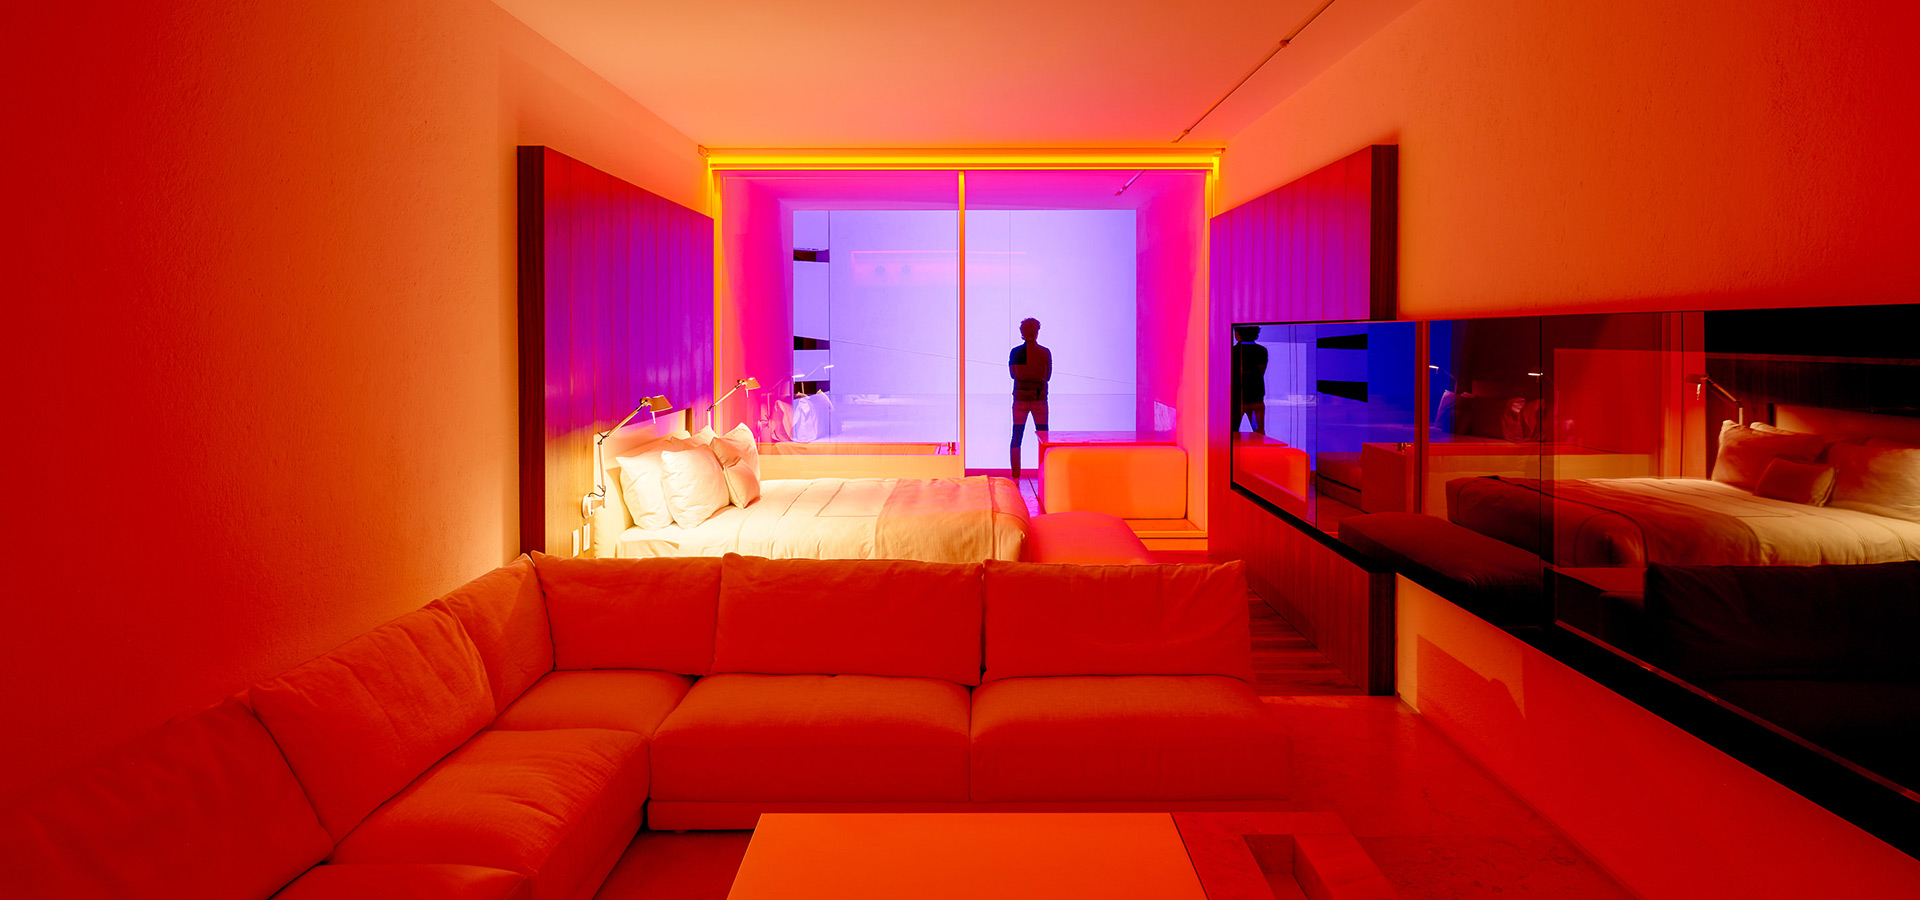 mar-adento-hotel_18miguel-aragones